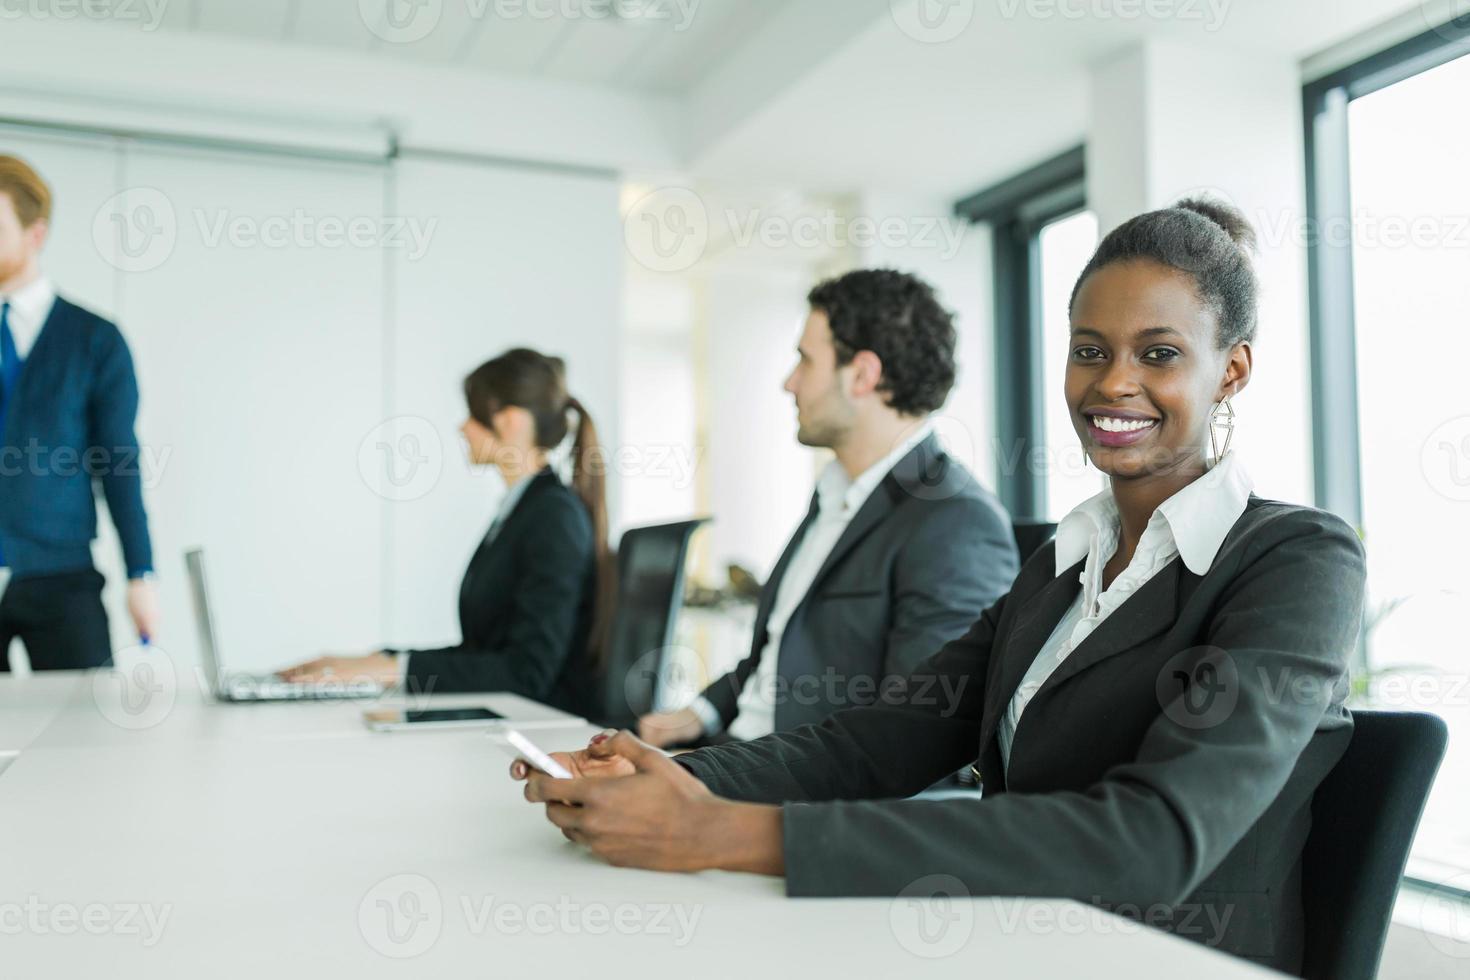 jeunes gens d'affaires assis à une table de conférence et d'apprentissage photo